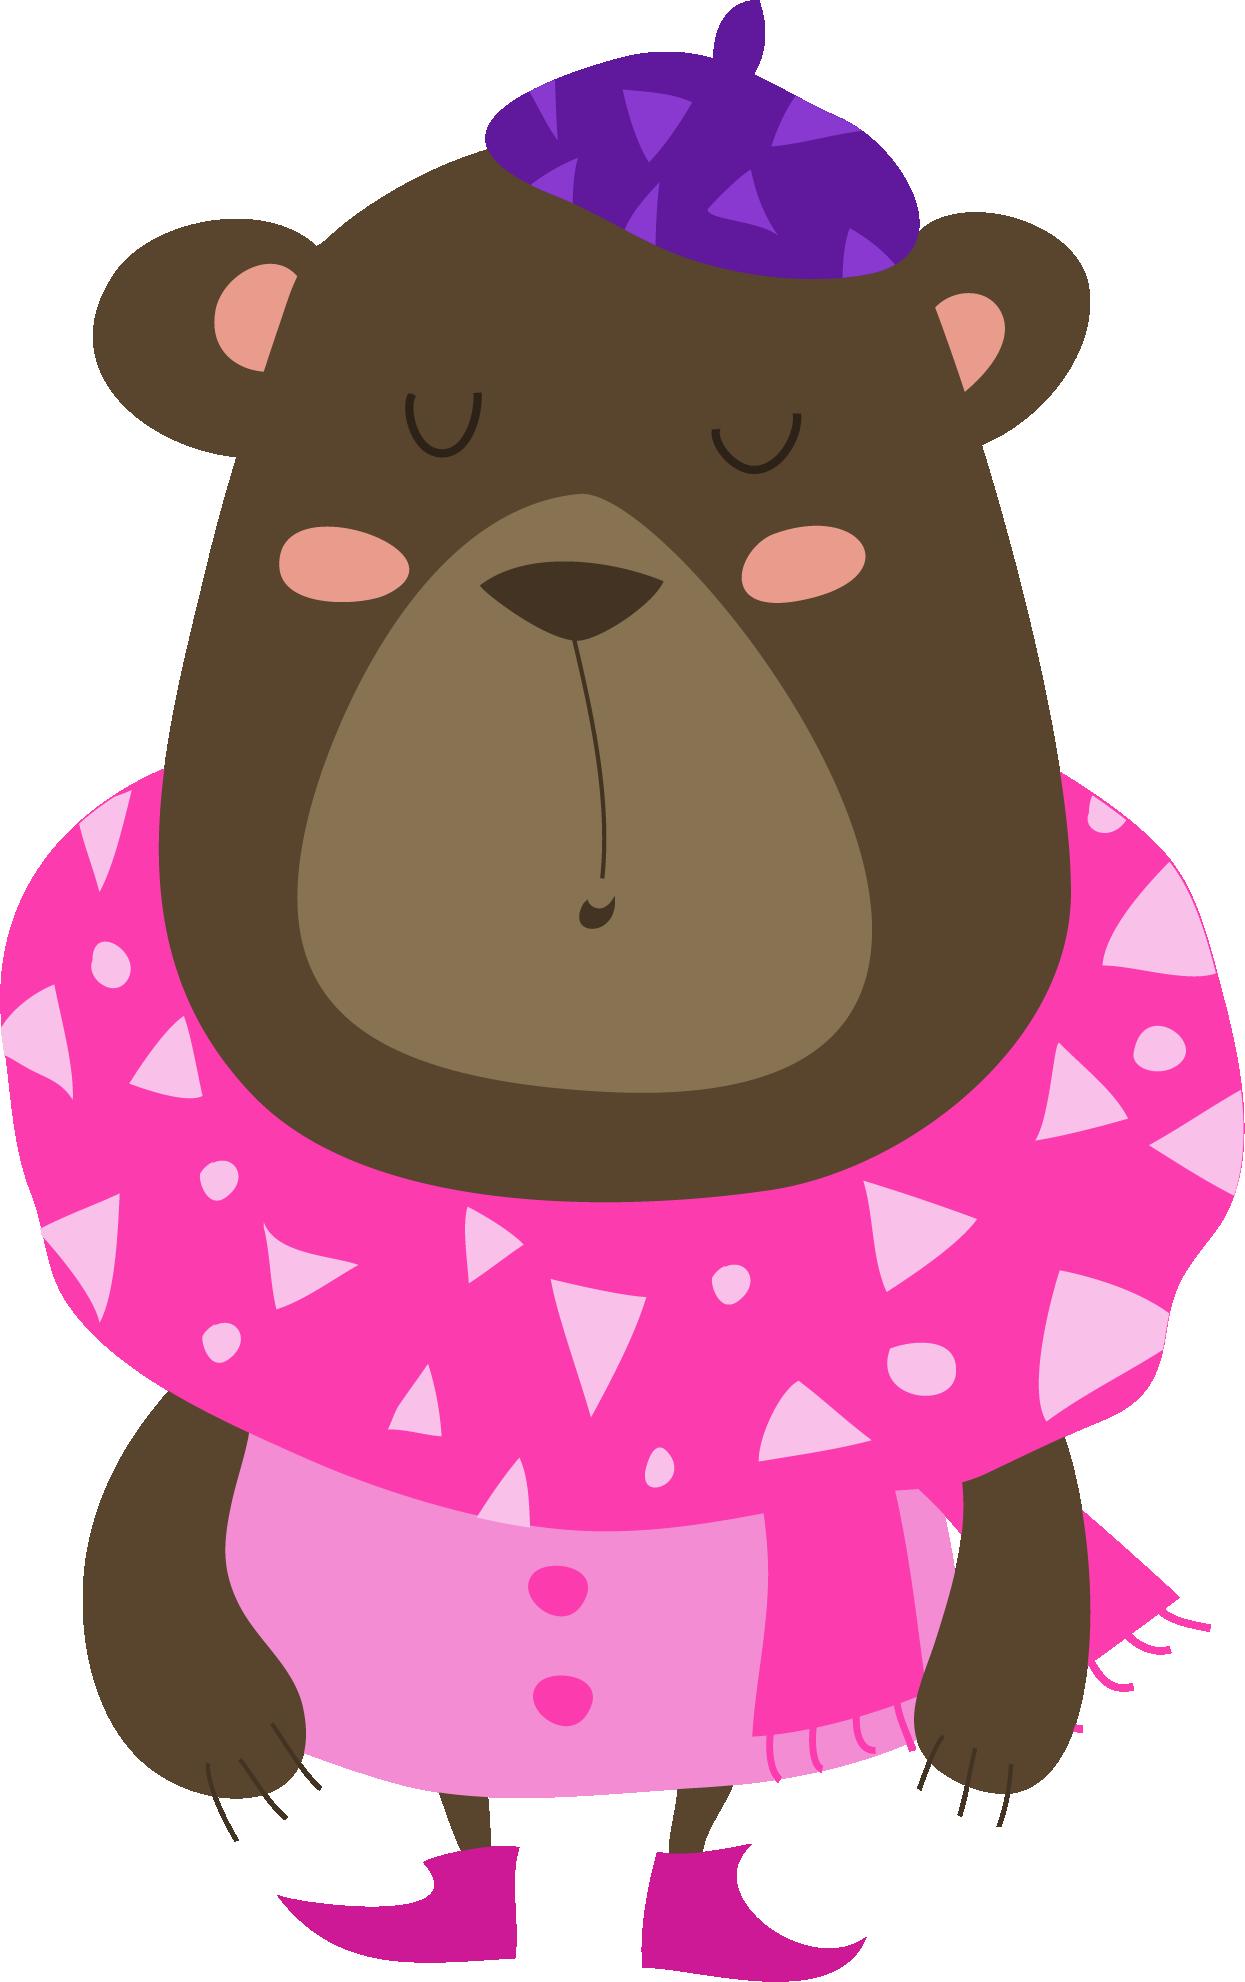 Mama Bear wearing pink dress